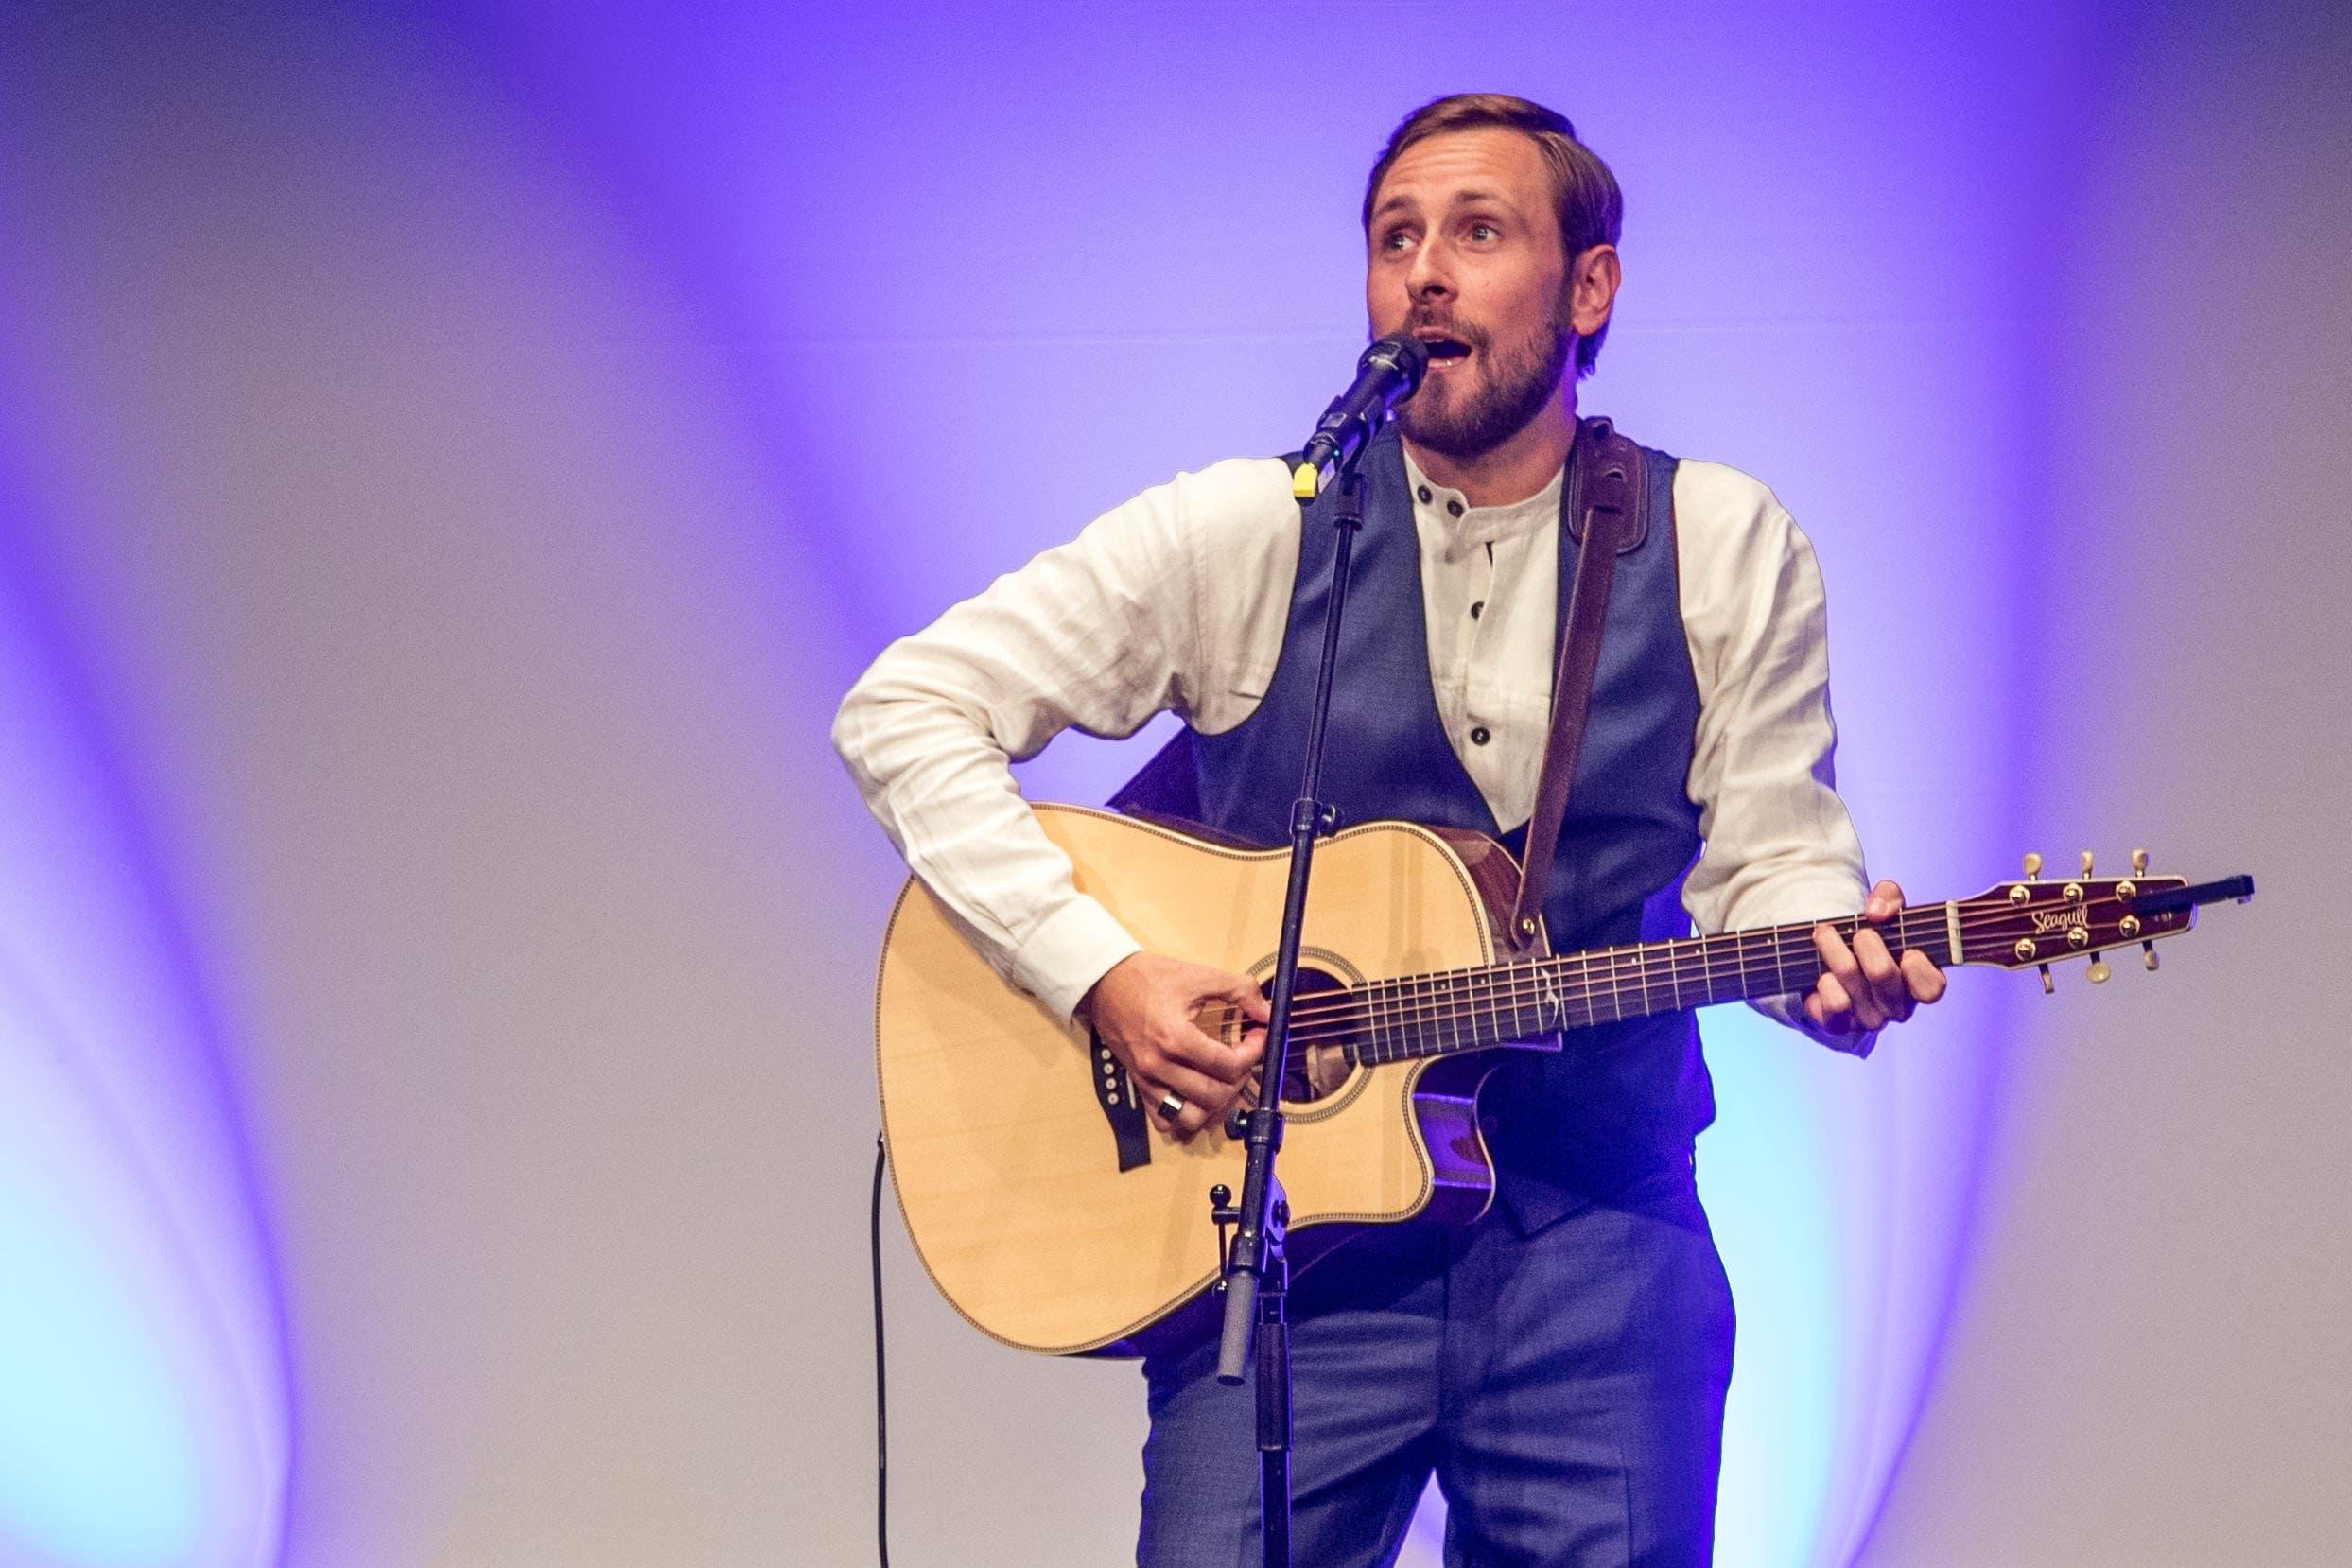 Aus Luzern vertreten ist auch «Kunz» alias Marco Kunz.Auch er wurde gleich zwei mal nominiert: für den «Best Male Act» und mit seinem Album «Förschi» für die Kategorie «Best Album».